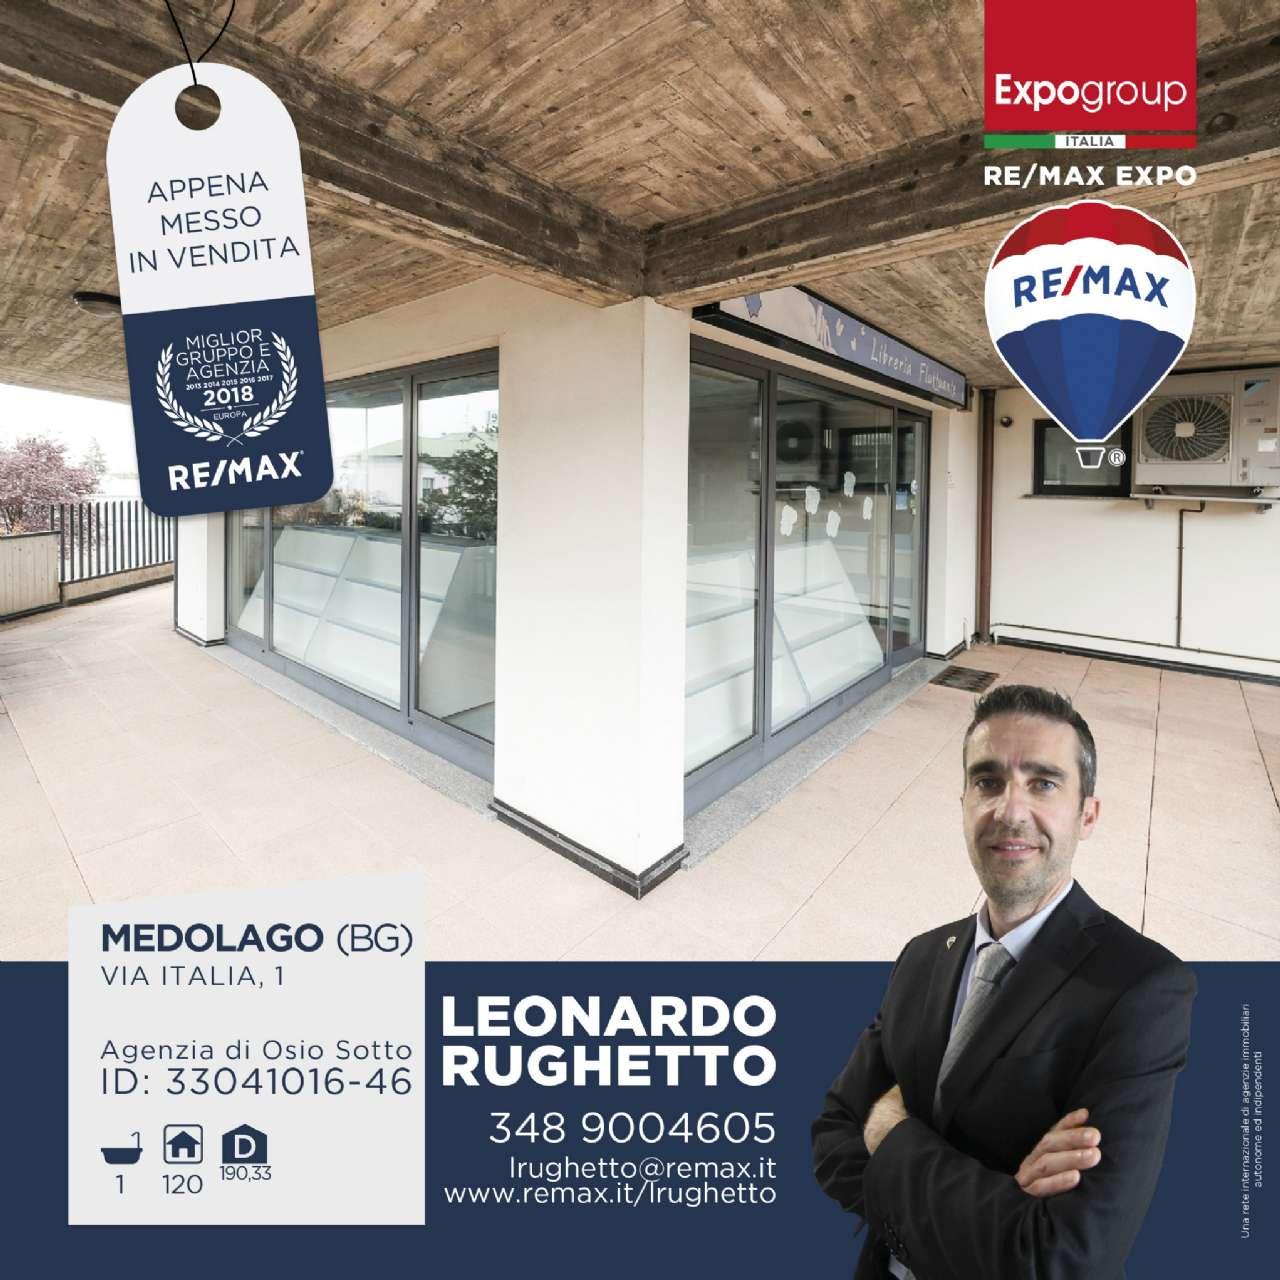 Negozio / Locale in affitto a Medolago, 1 locali, prezzo € 800 | CambioCasa.it